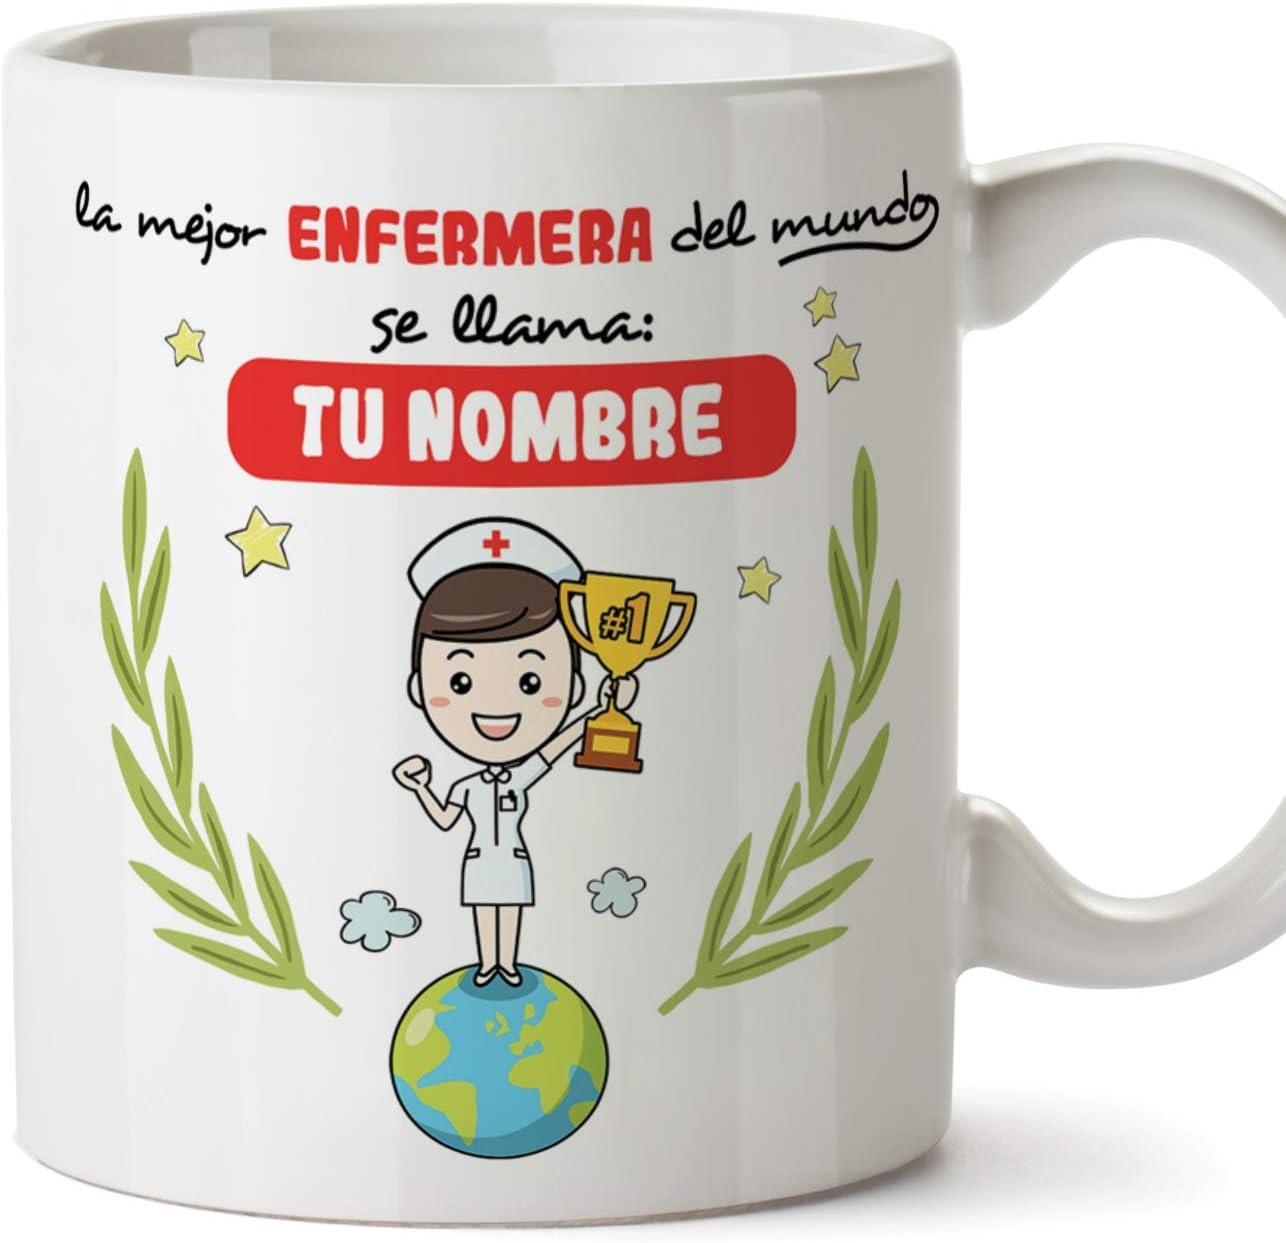 MUGFFINS Enfermera Tazas Originales Personalizadas con tu Nombre de café y Desayuno para Regalar - Esta Taza Pertenece a la Mejor Enfermera del Universo - Cerámica 350 ml - Enfermería Personalizable